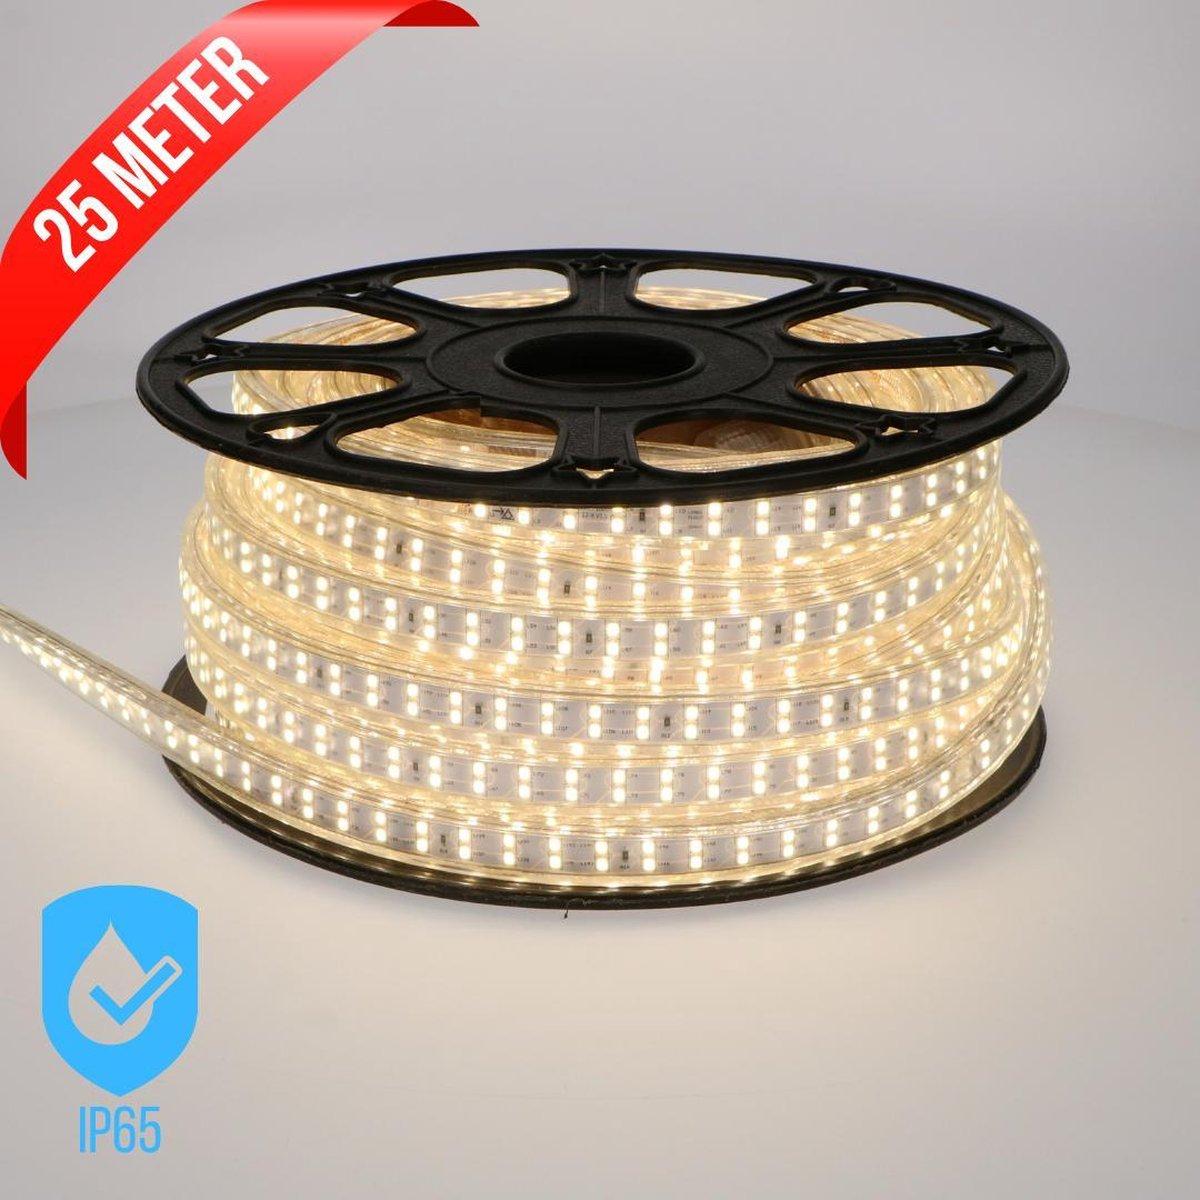 Proventa Waterdichte LED strip voor buiten - 1 x 25 meter - incl. Adapter - Wit